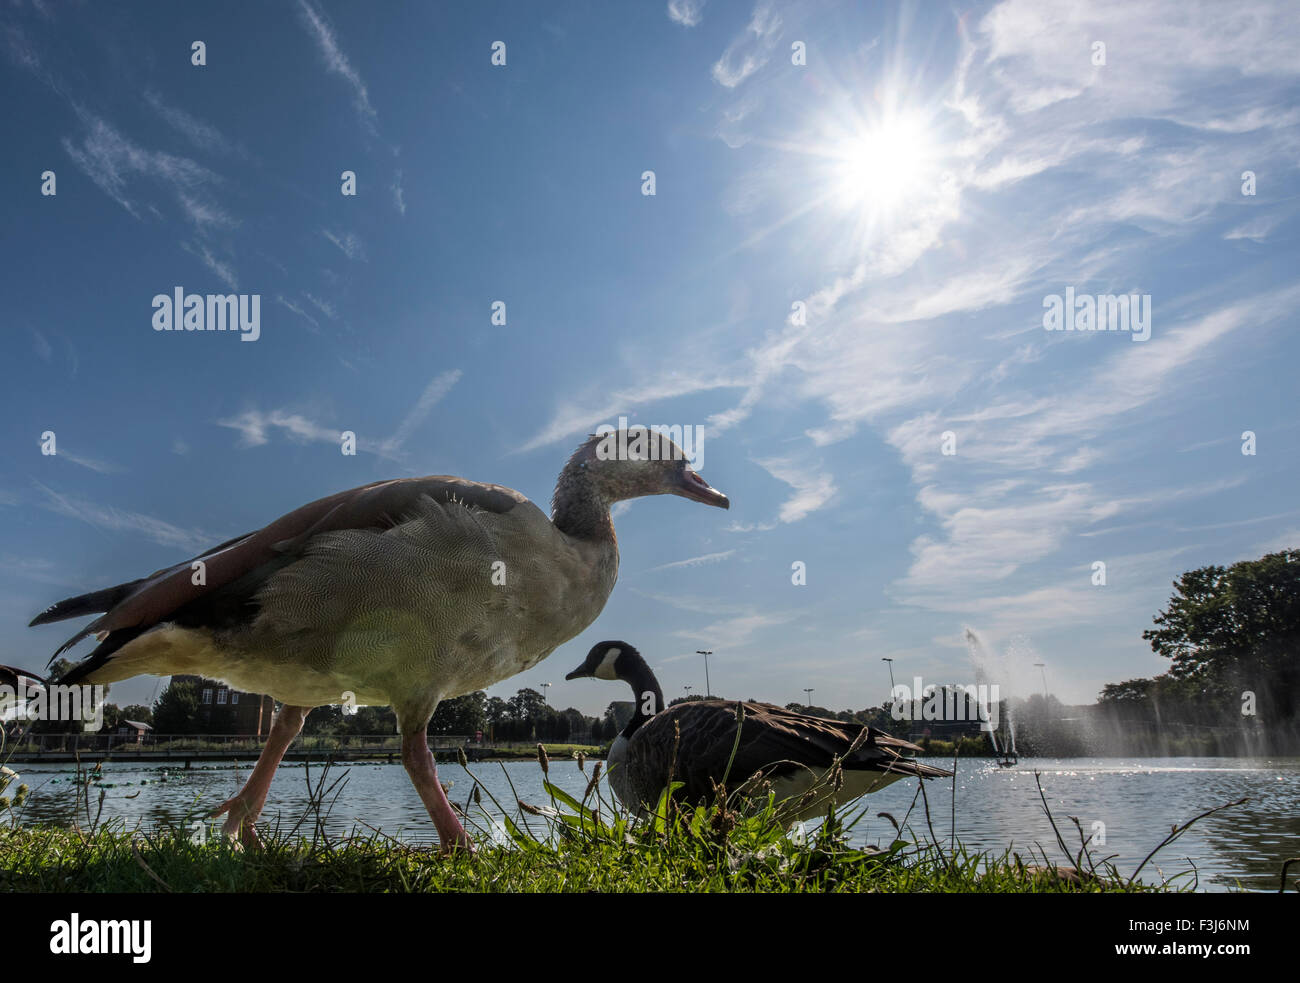 Les oiseaux de la faune dans le parc parc Burgess, Londres, Angleterre, Grande-Bretagne, Royaume-Uni, Europe Photo Stock